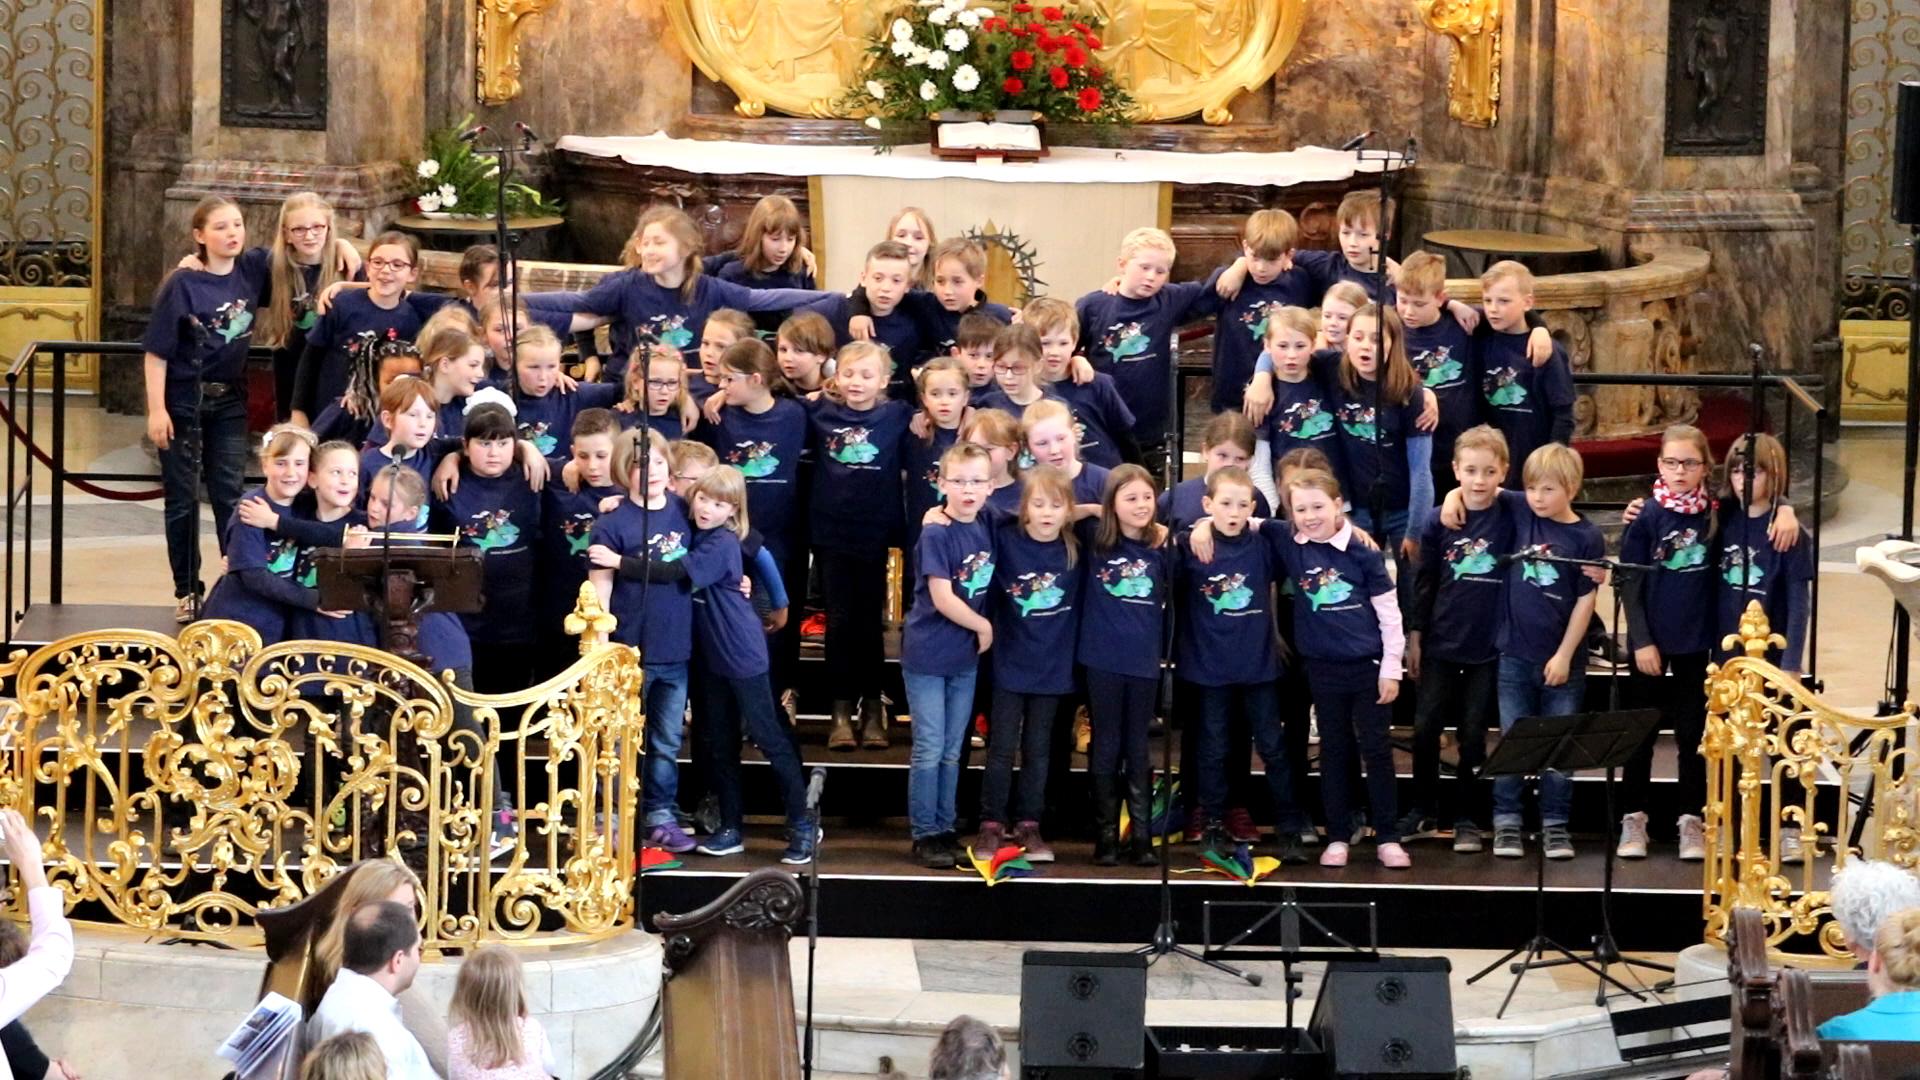 Kinder singen miteinander